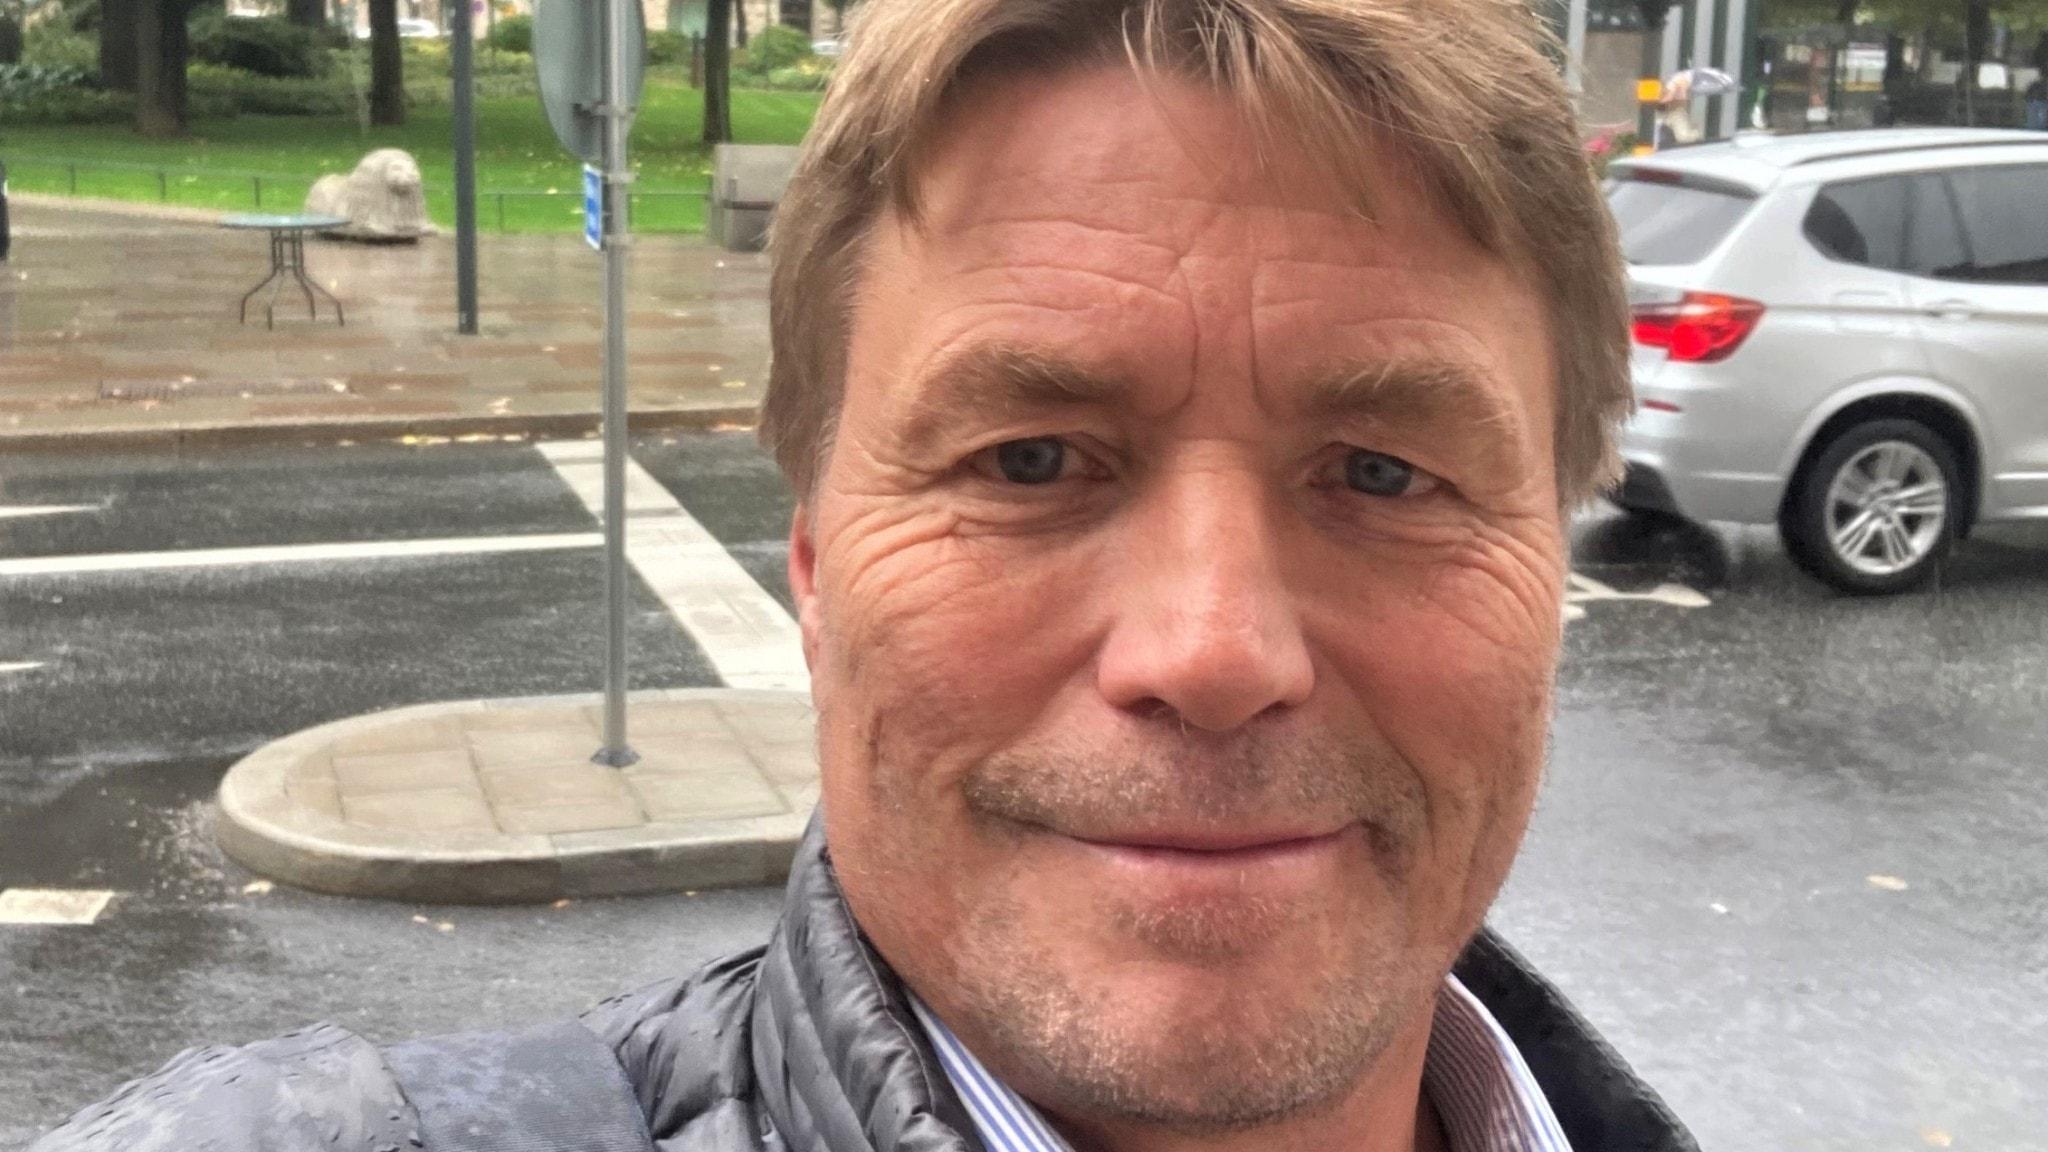 Tomas Bodström: Hade jag lyssnat på pappa hade livet blivit mycket sämre - spela